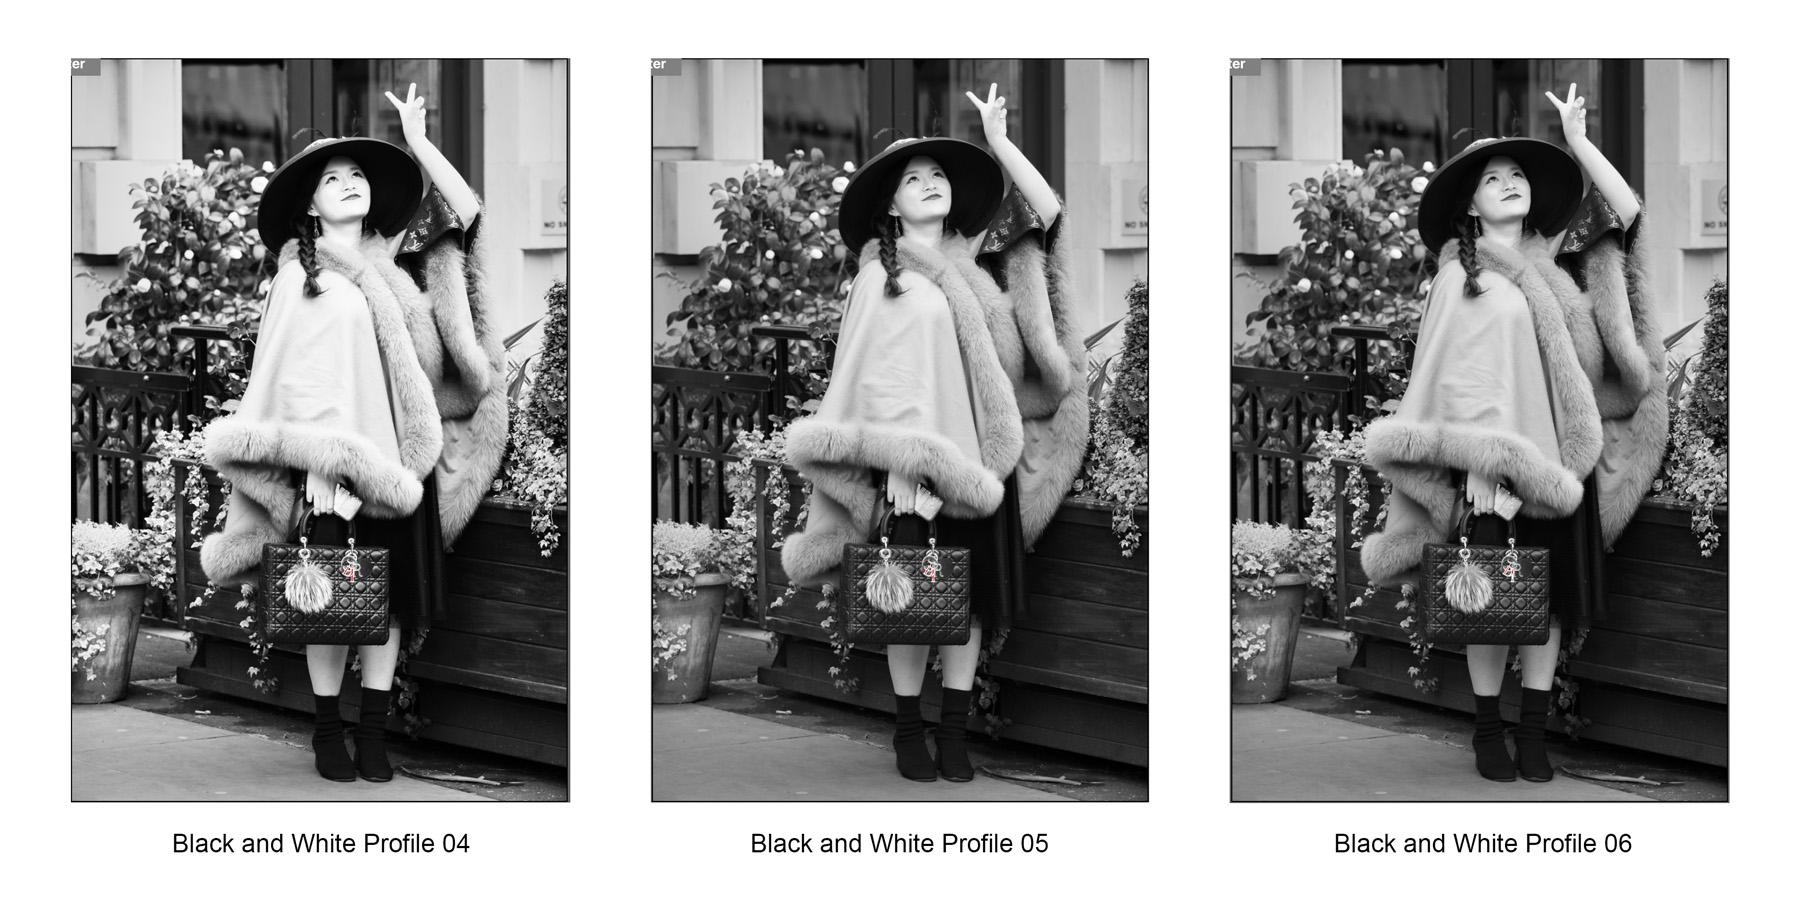 Adobe Camera Raw Monochrome Profiles 4-6